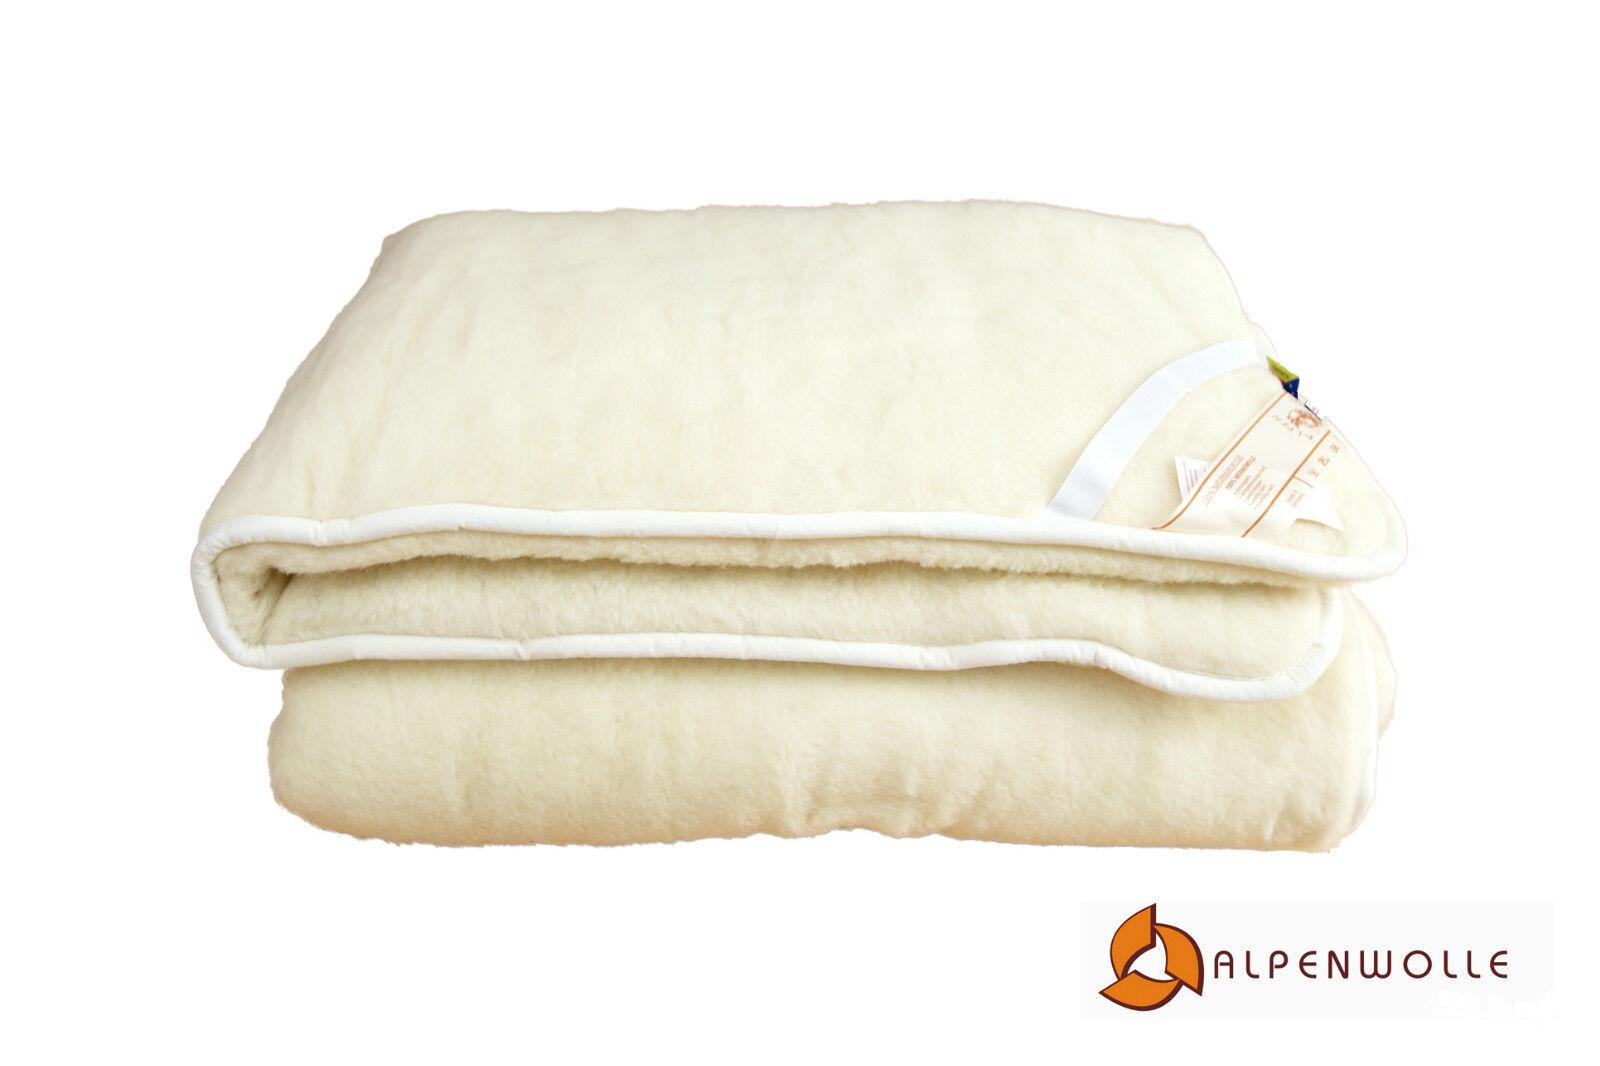 Unterbett doppelt Matratzenauflage Bettauflage Schonbezug Merinowolle 100%Wolle